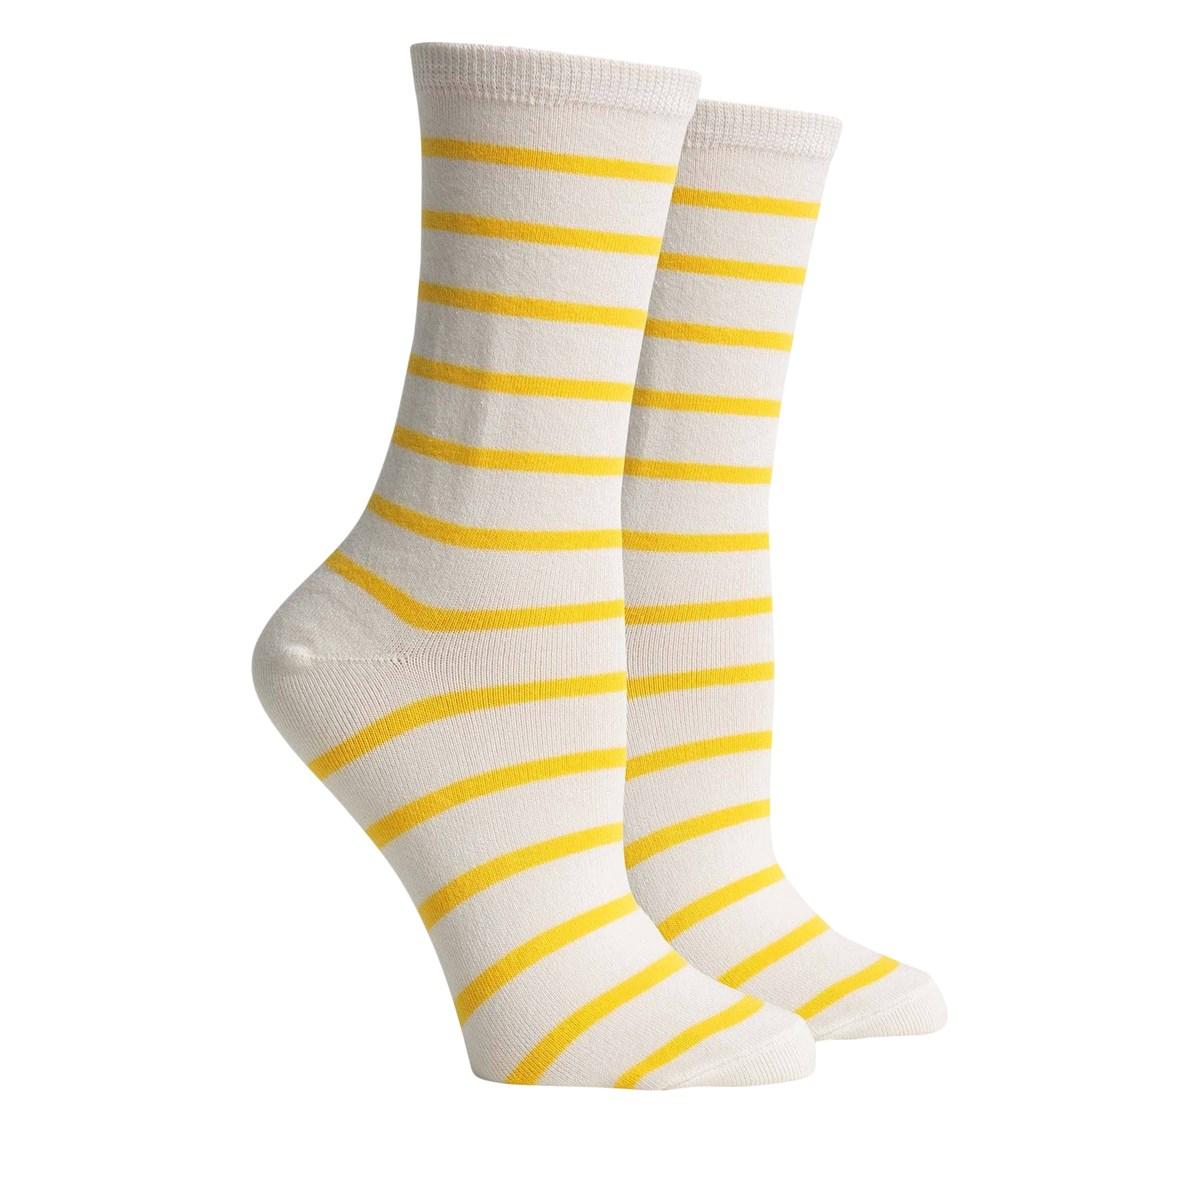 Women's Nora Socks in Yellow